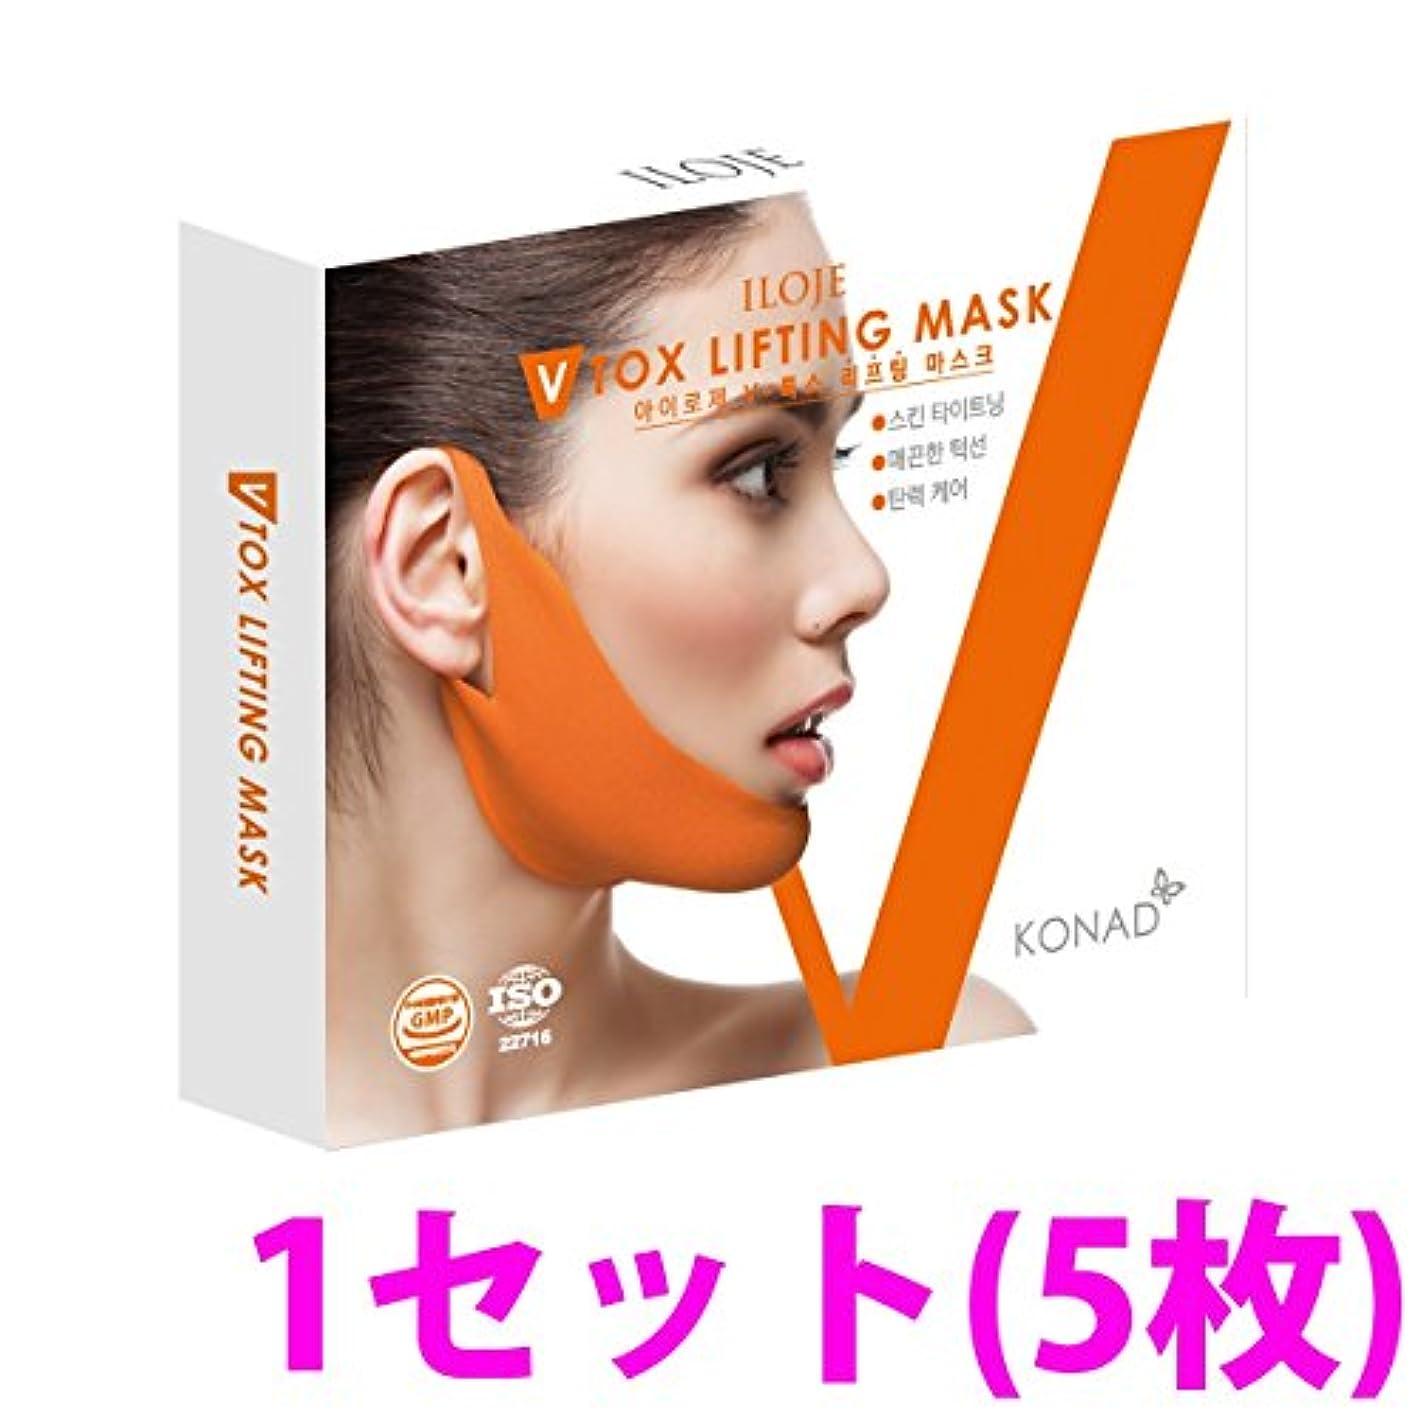 送信するバルコニー瞑想女性の年齢は顎の輪郭で決まる!V-TOXリフティングマスクパック 1セット(5枚)